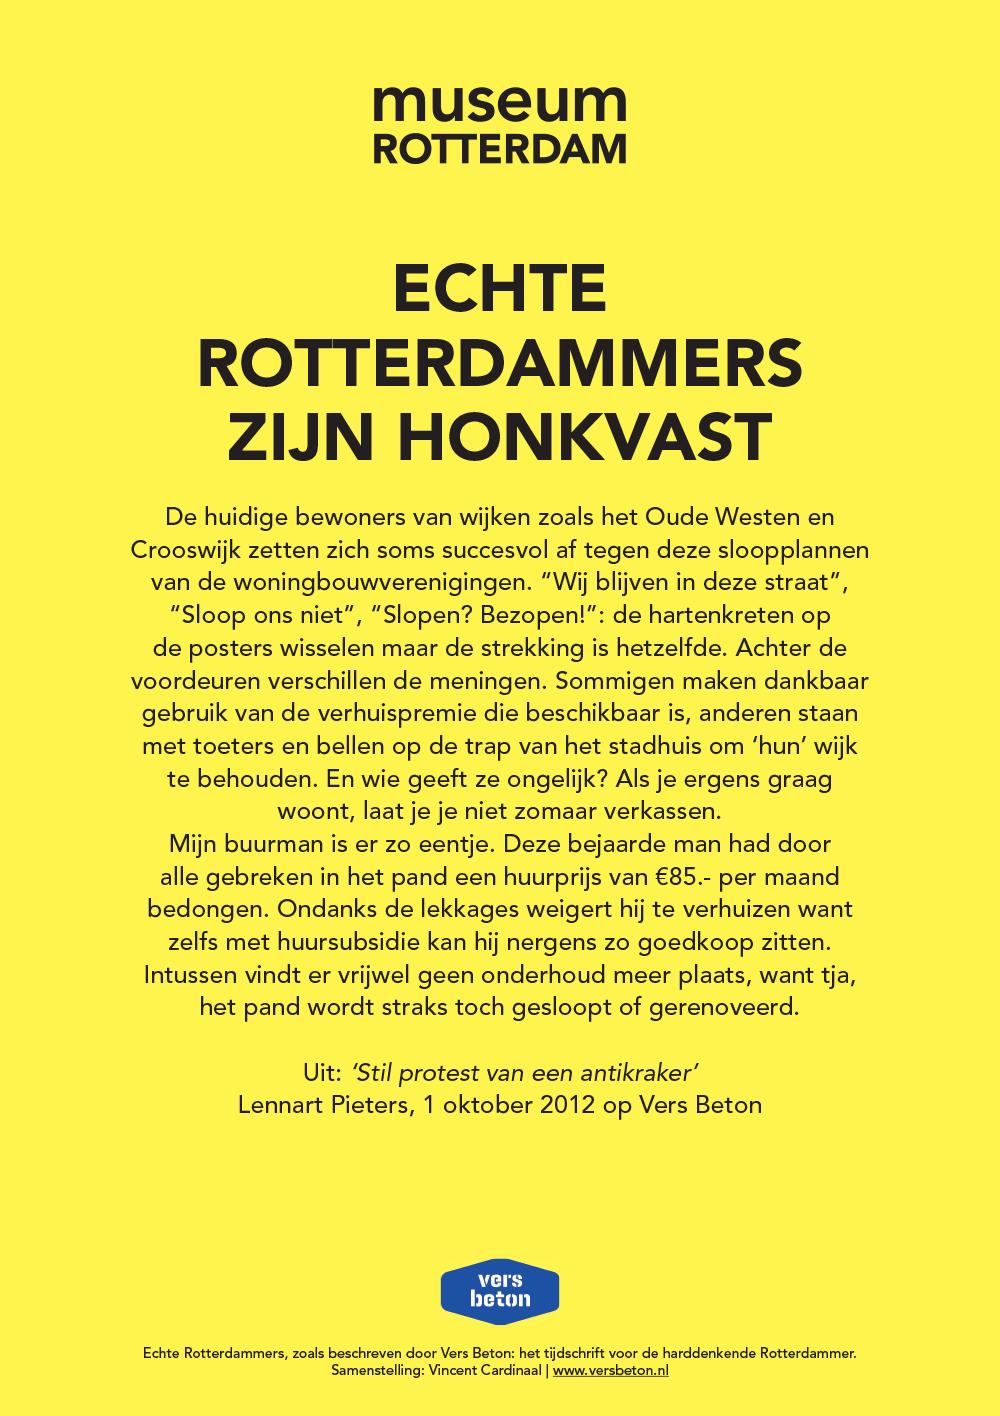 Tekst van Lennart Pieters - klik op het plaatje om de .pdf met alle posters te downloaden.